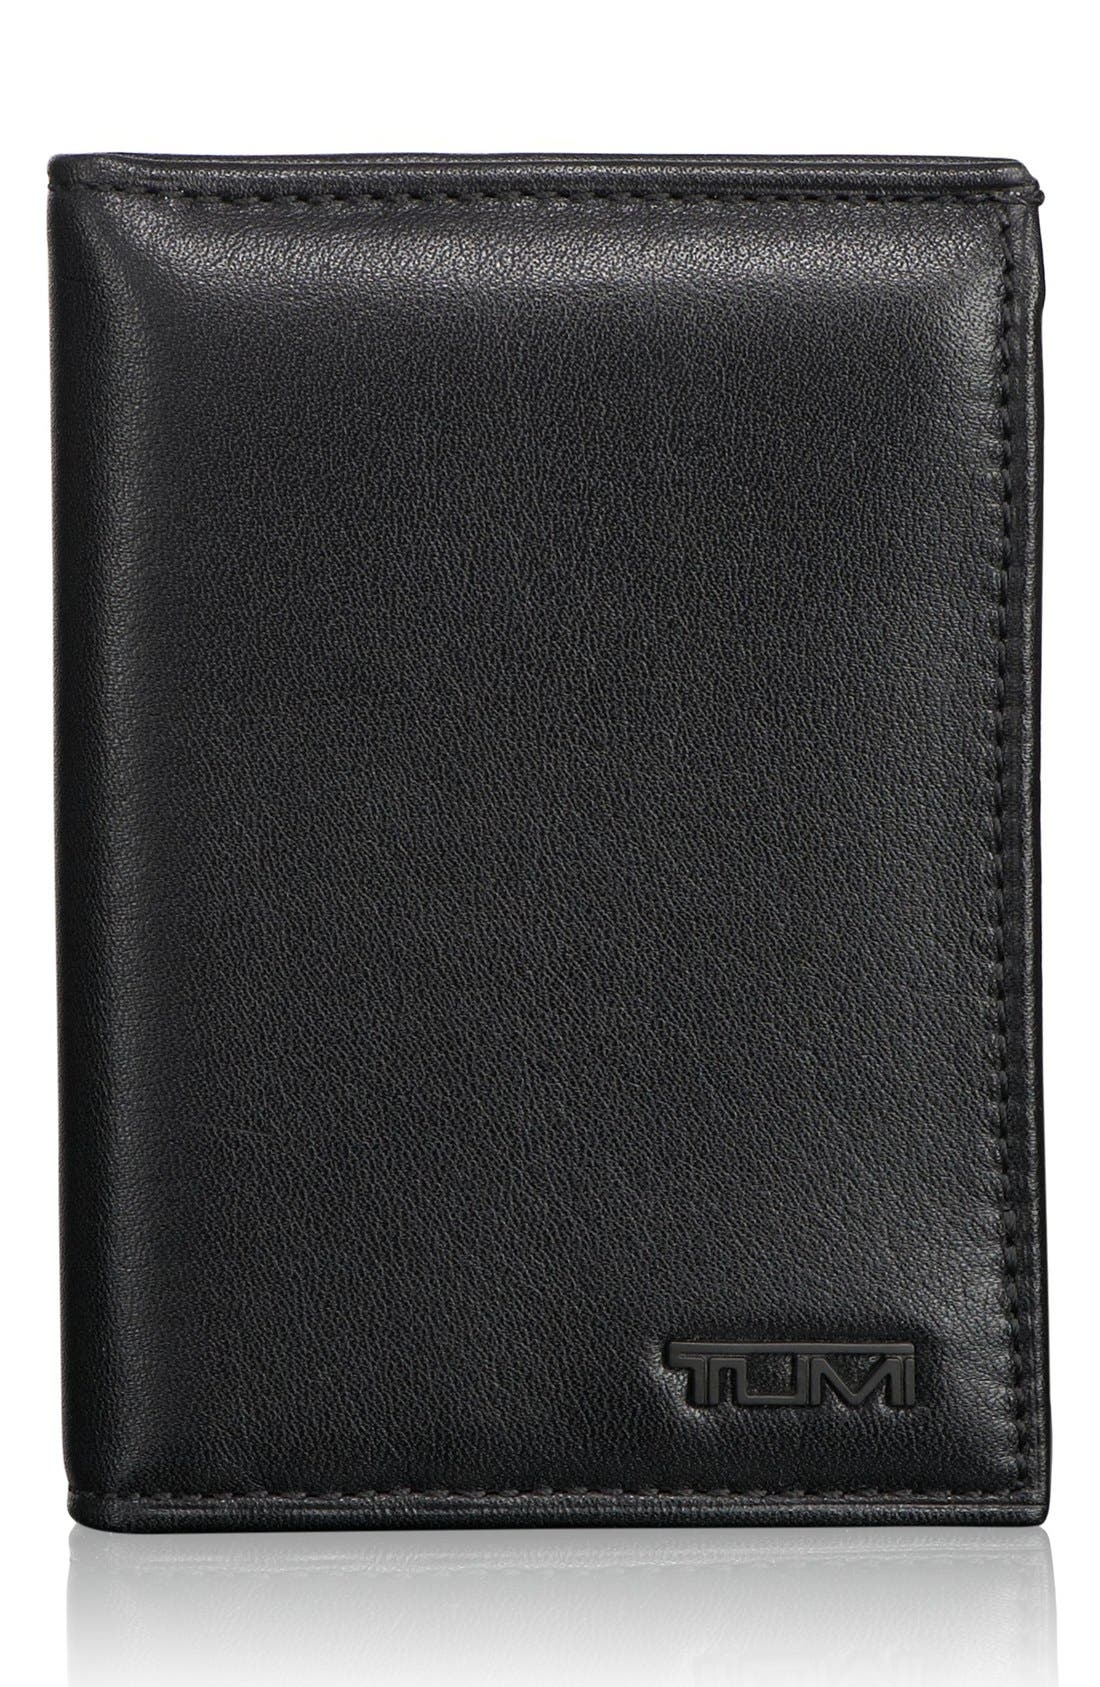 Tumi 'Delta - ID Lock' Shielded L-Fold ID Wallet